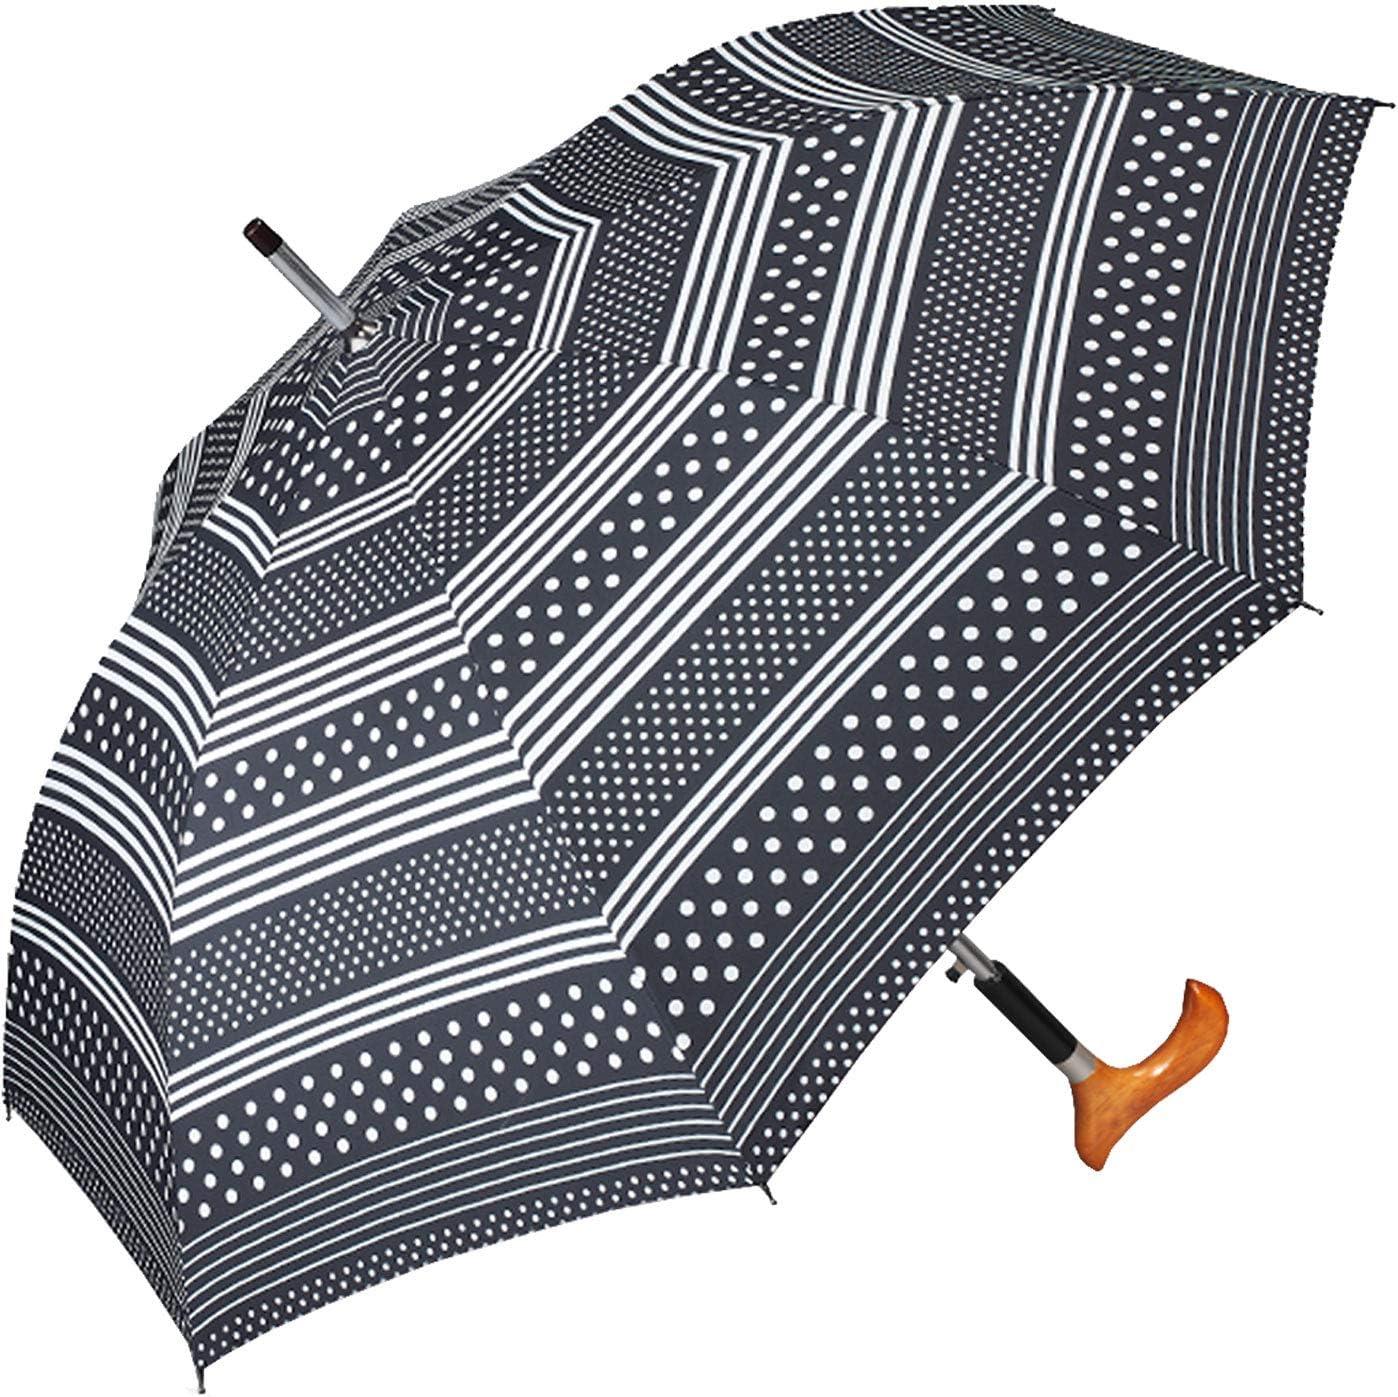 Parapluie Cannes Femme Multicolore Schwarz-wei/ß 105 cm happy rain selection